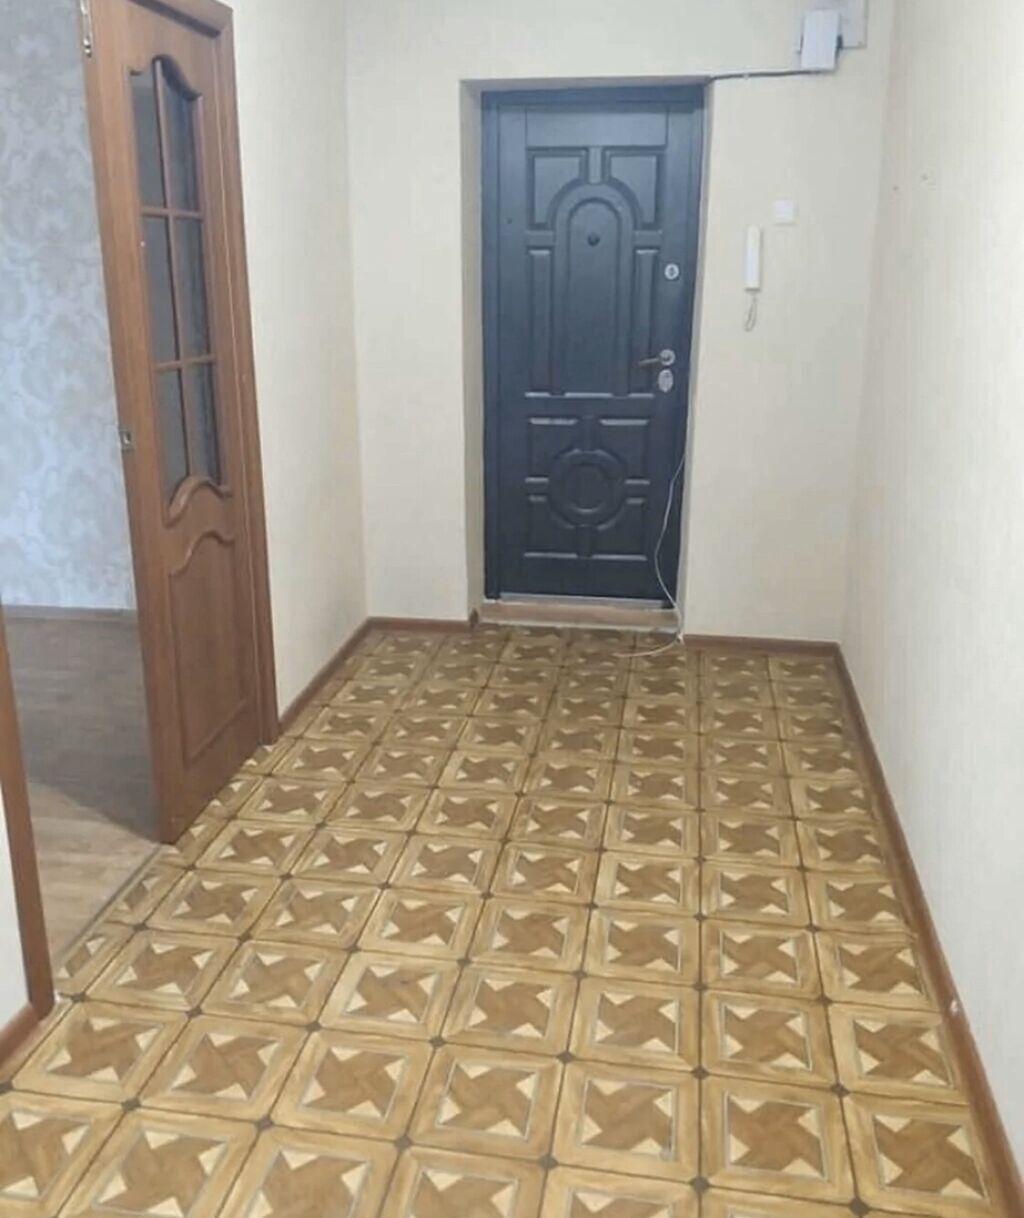 Продается квартира: 2 комнаты, 70 кв. м: Продается квартира: 2 комнаты, 70 кв. м